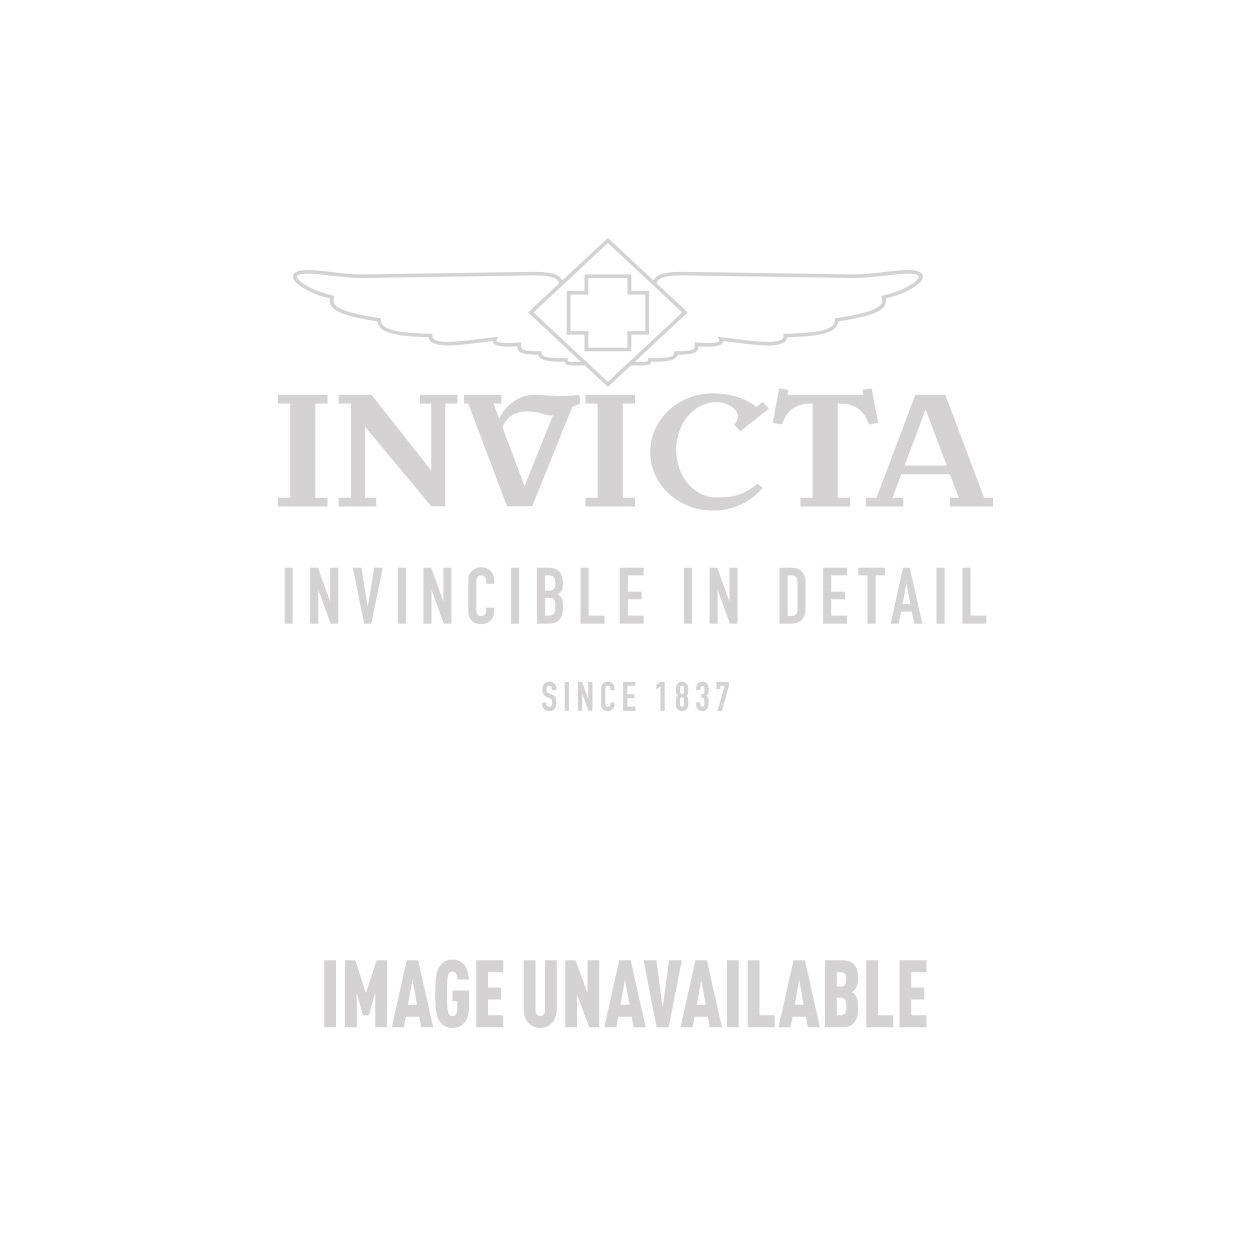 Invicta Venom  Quartz Watch - Gold case with Black tone Silicone band - Model 20400